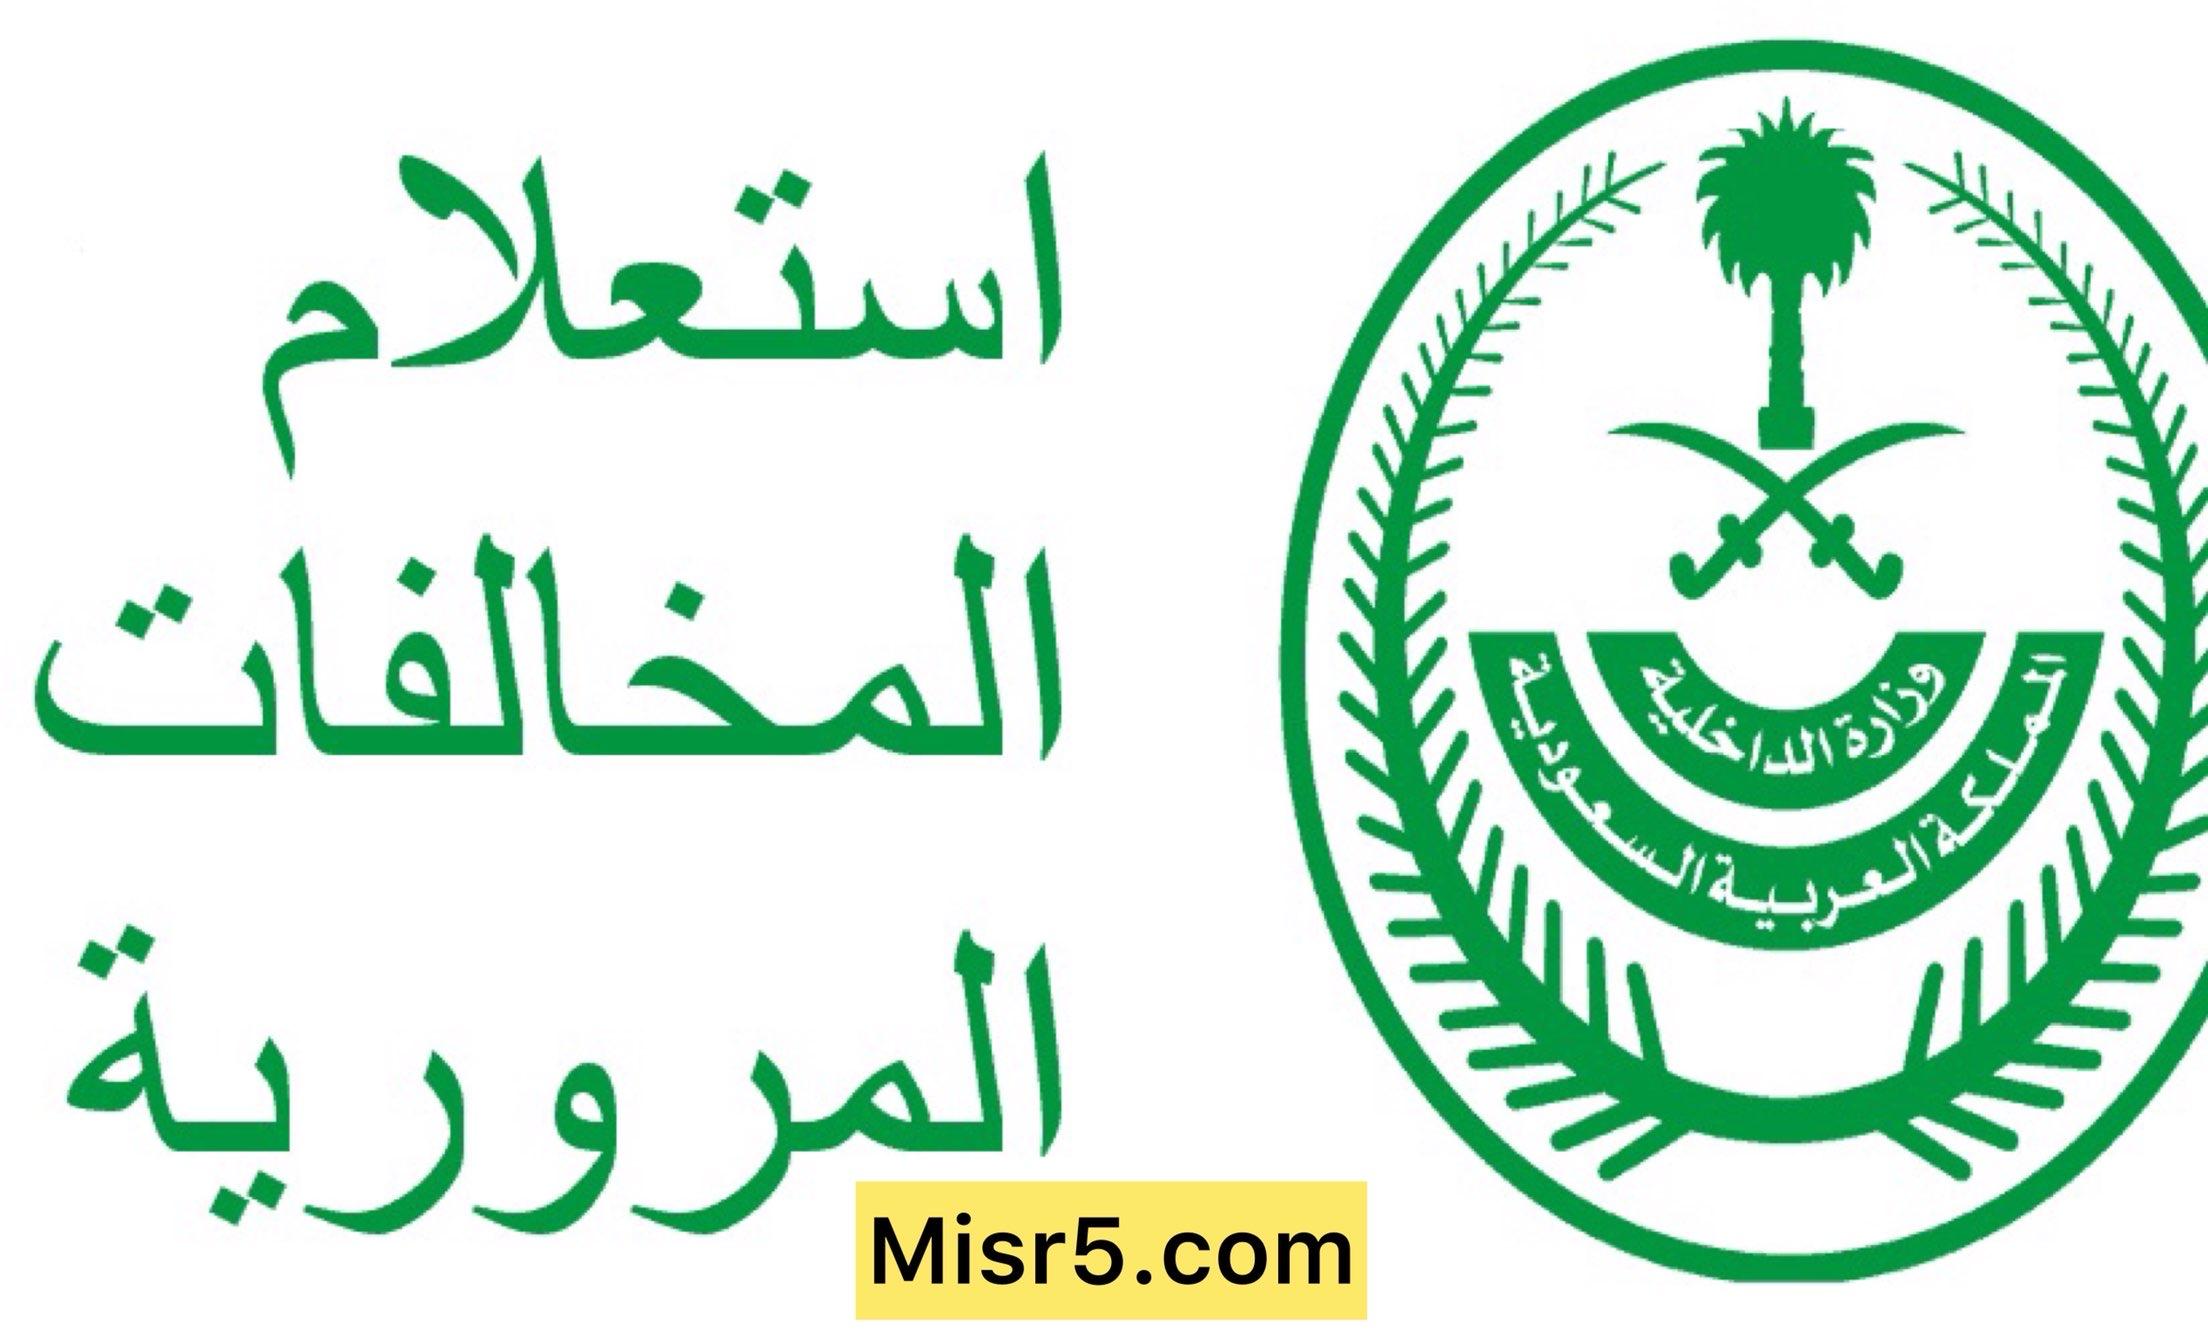 طرق الاستعلام عن المخالفات المرورية برقم الهوية- المملكة العربية السعودية